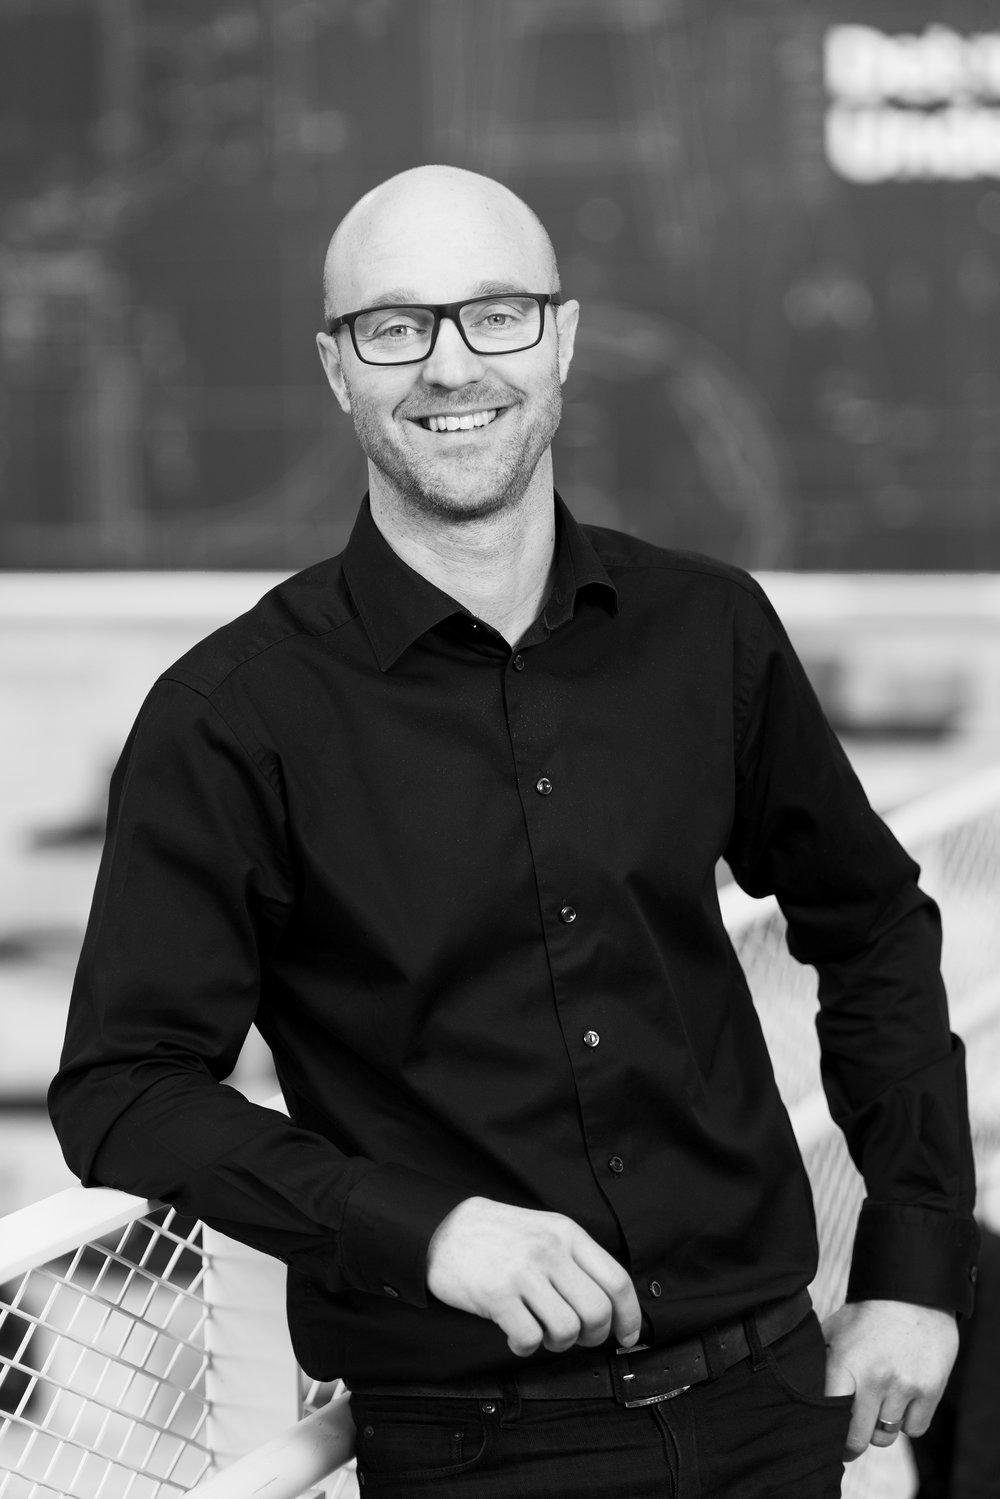 Björn Block   Björn är Business leader för IKEA Home Smart, ett nytt initiativ inom IKEA som undersöker möjligheten att integrera teknik och inredning för att skapa smartare boende. Björns passion ligger i att kombinera design och funktion, och tillsammans med teamet på IKEA utforskar han vad som kommer att bli morgondagens smarta hem och hur det kan bli enkelt och tillgängligt för alla. Grundtanken med IKEA Home Smart är att genom smarta lösningar som är enkla att använda, har ett lågt pris och är funktionella och vackra, bidra till en bättre vardag för de många människorna världen över.